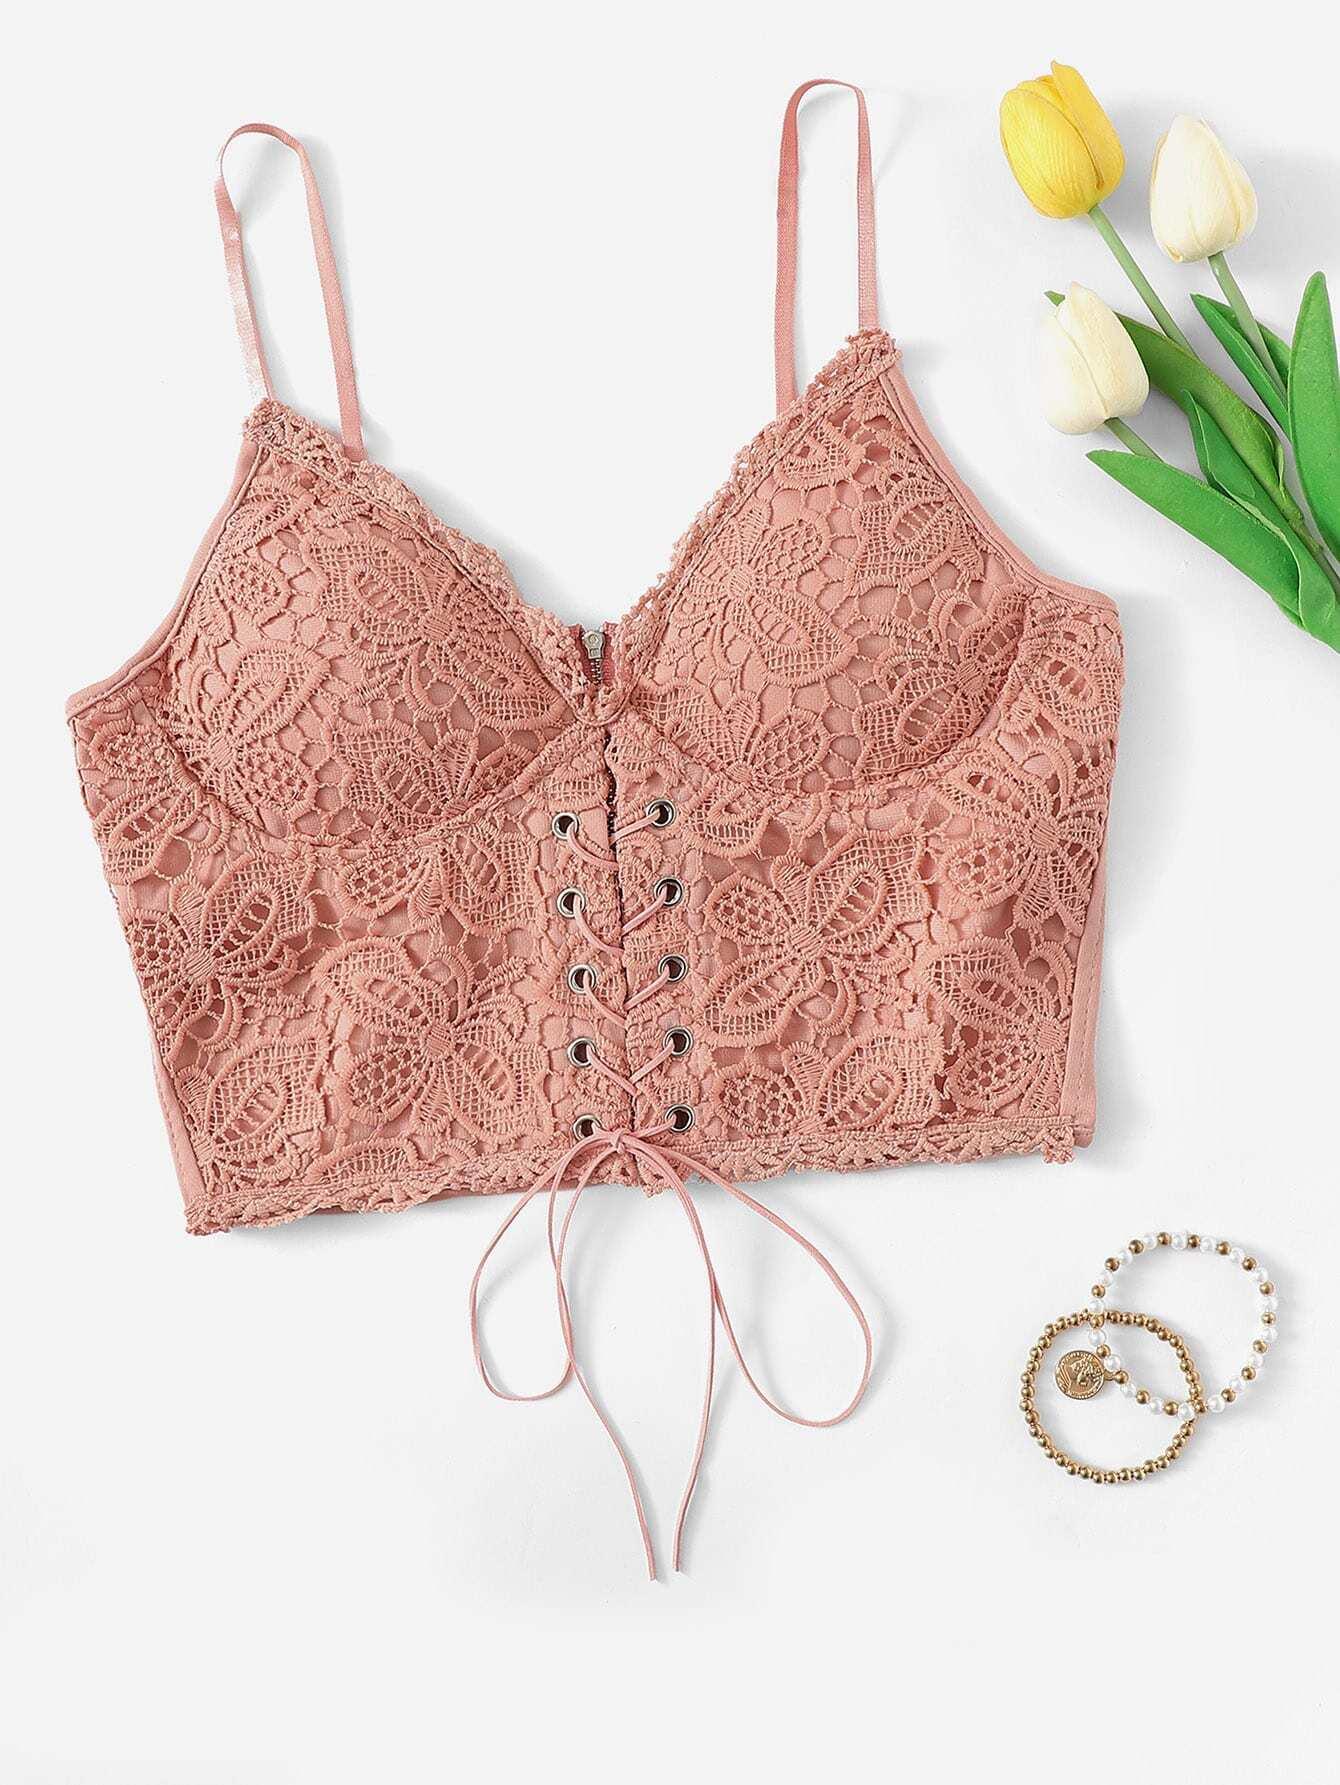 Купить Уличный стиль С простым принтом со шнуровкой розовый Топы и майки, null, SheIn